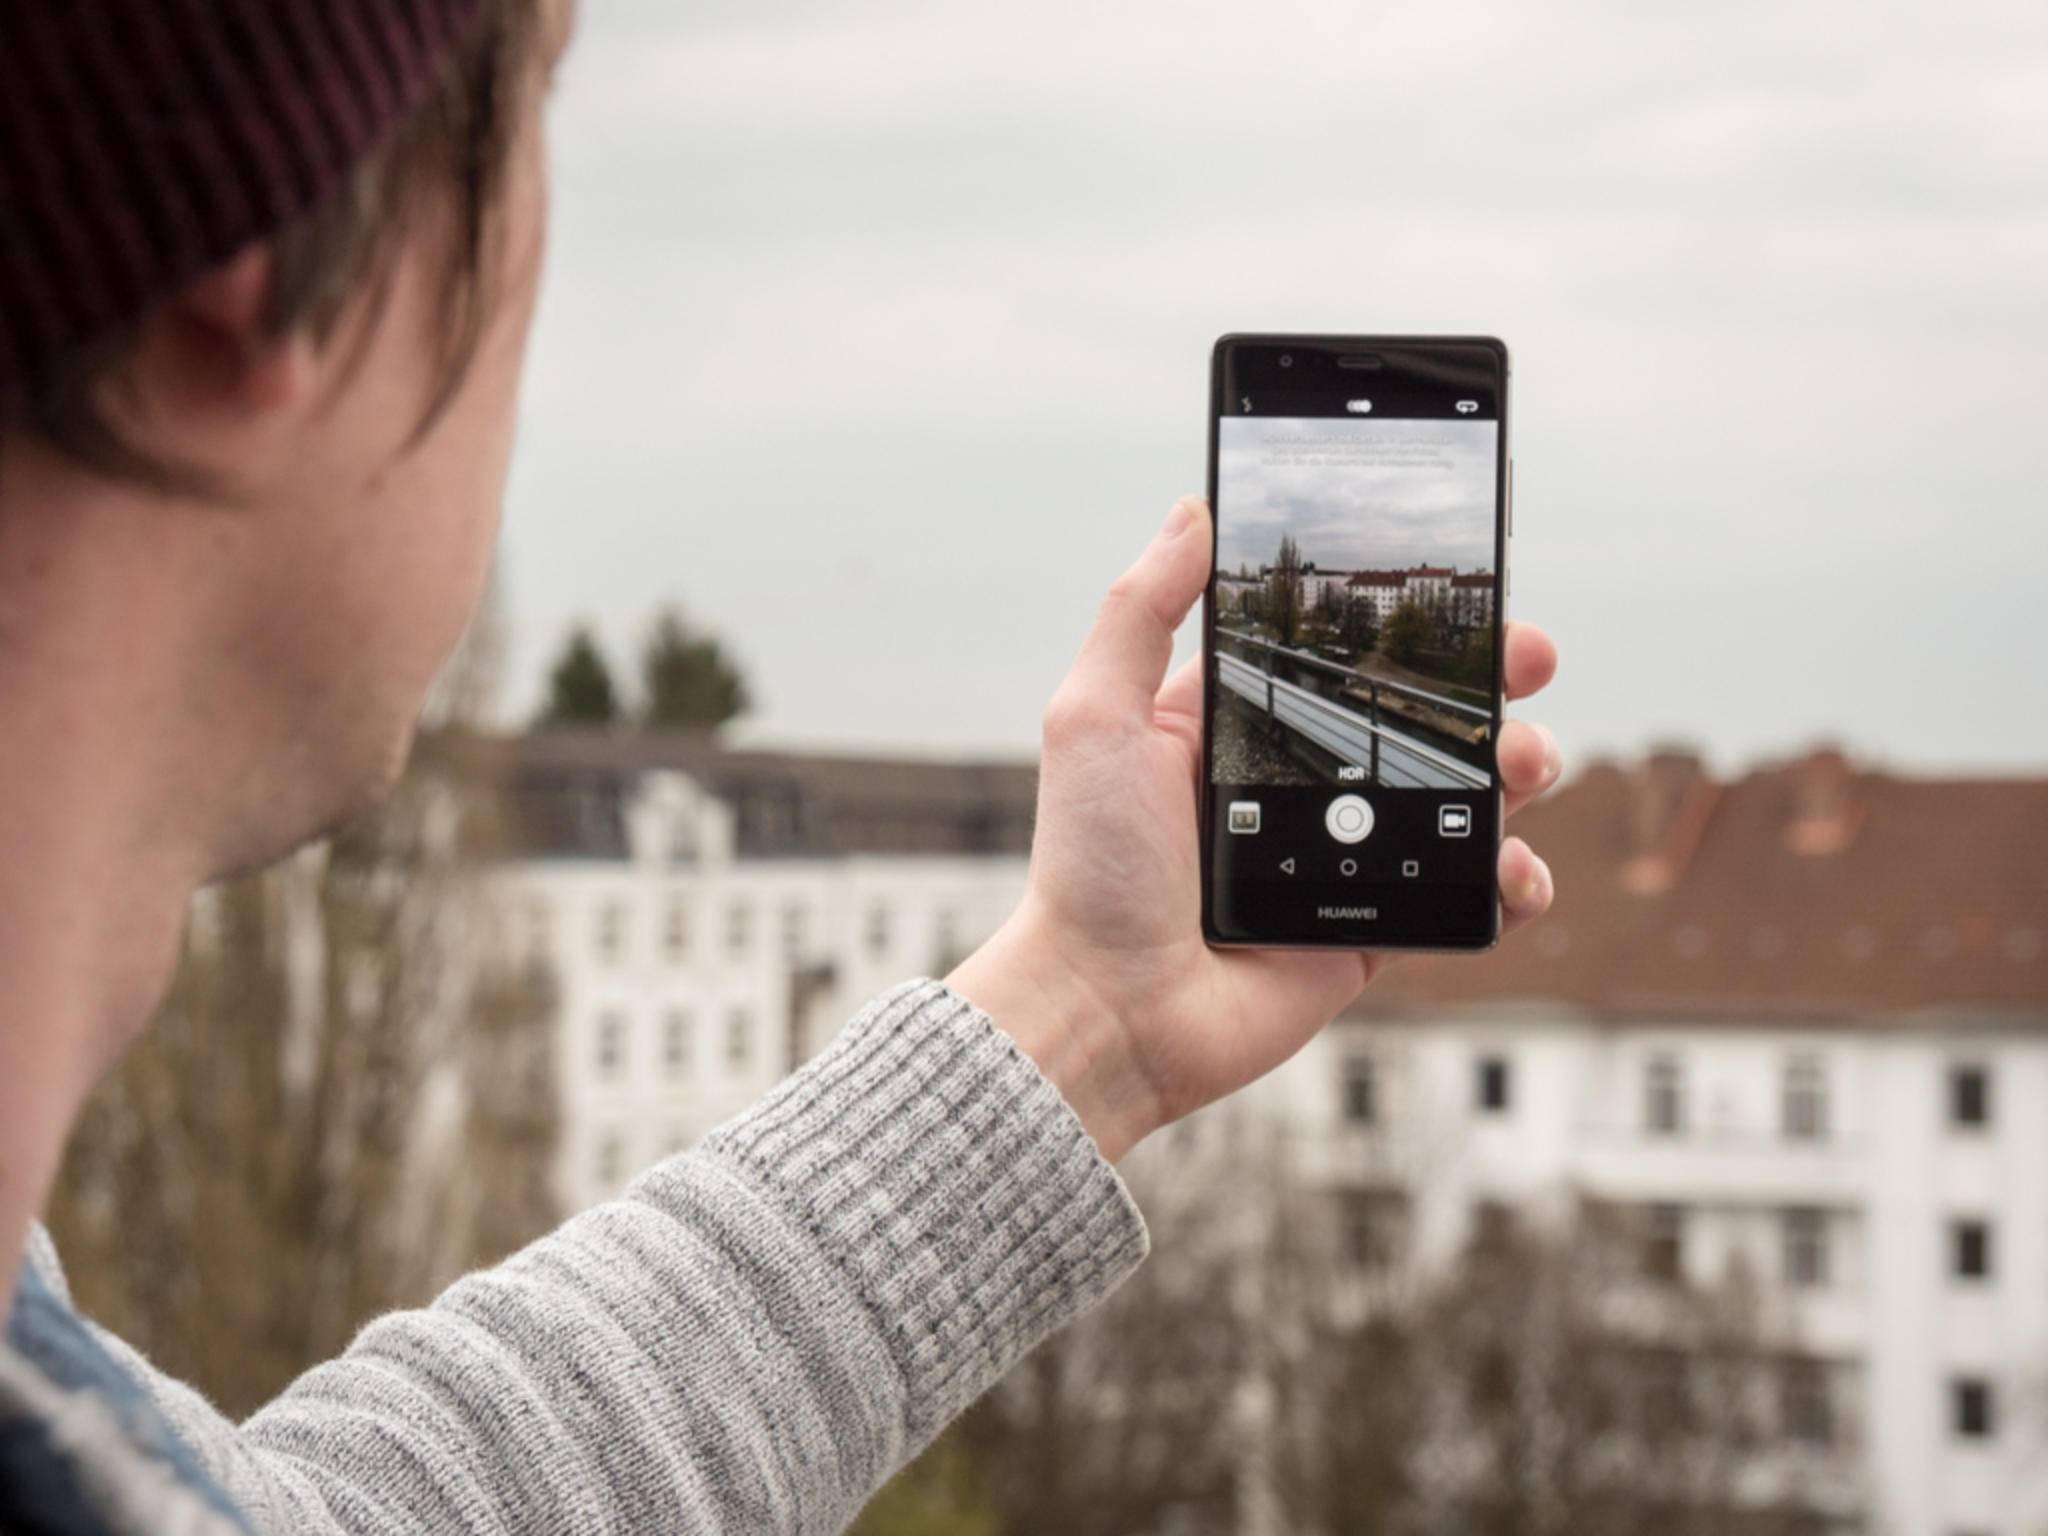 Stammt die Kamera des Huawei P9 tatsächlich von Leica?